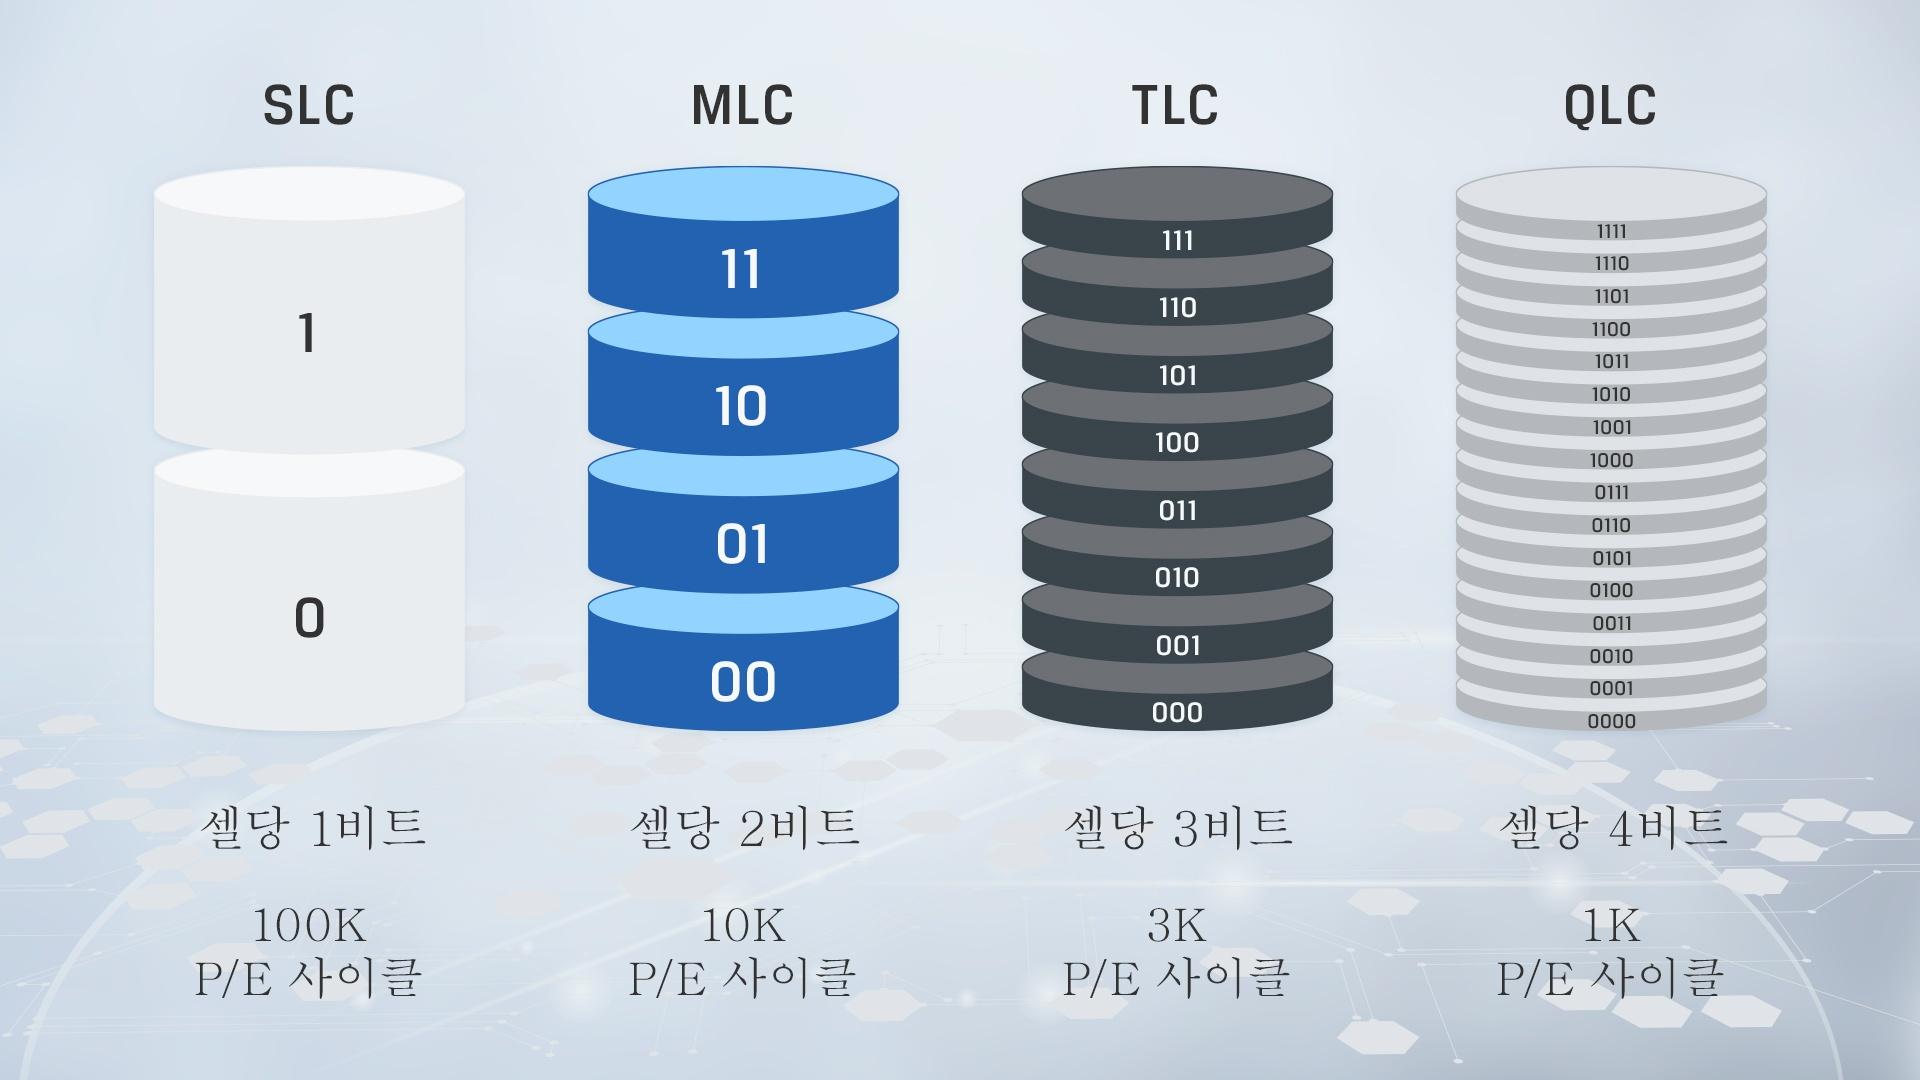 다양한 NAND 유형 간의 주요 차이점을 보여주는 인포그래픽